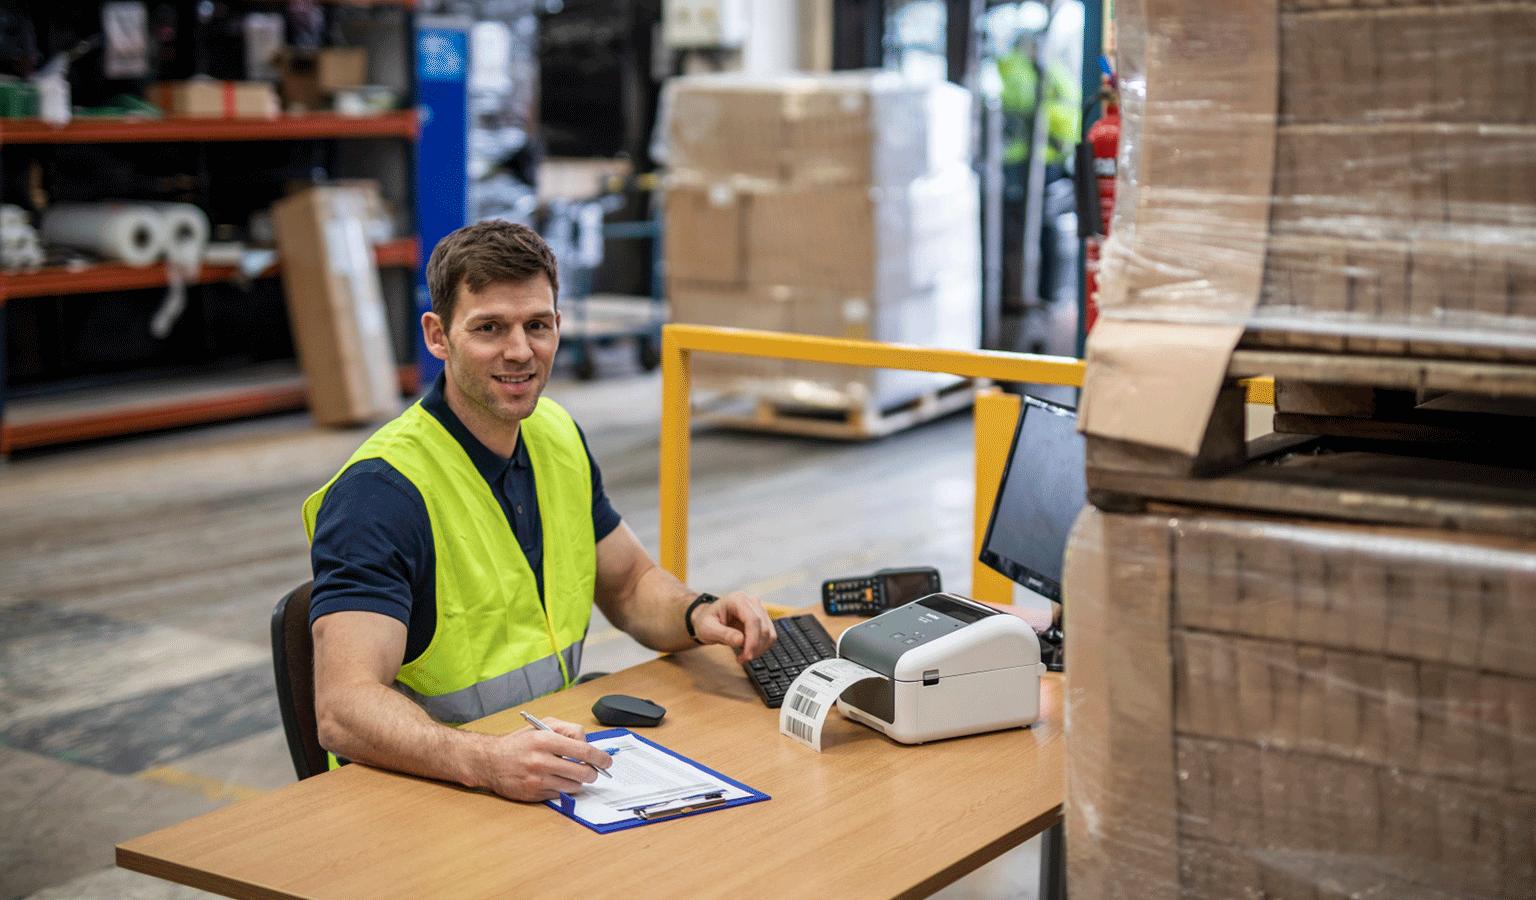 Bărbat care lucrează la birou cu imprimanta TD4D Brother într-un depozit